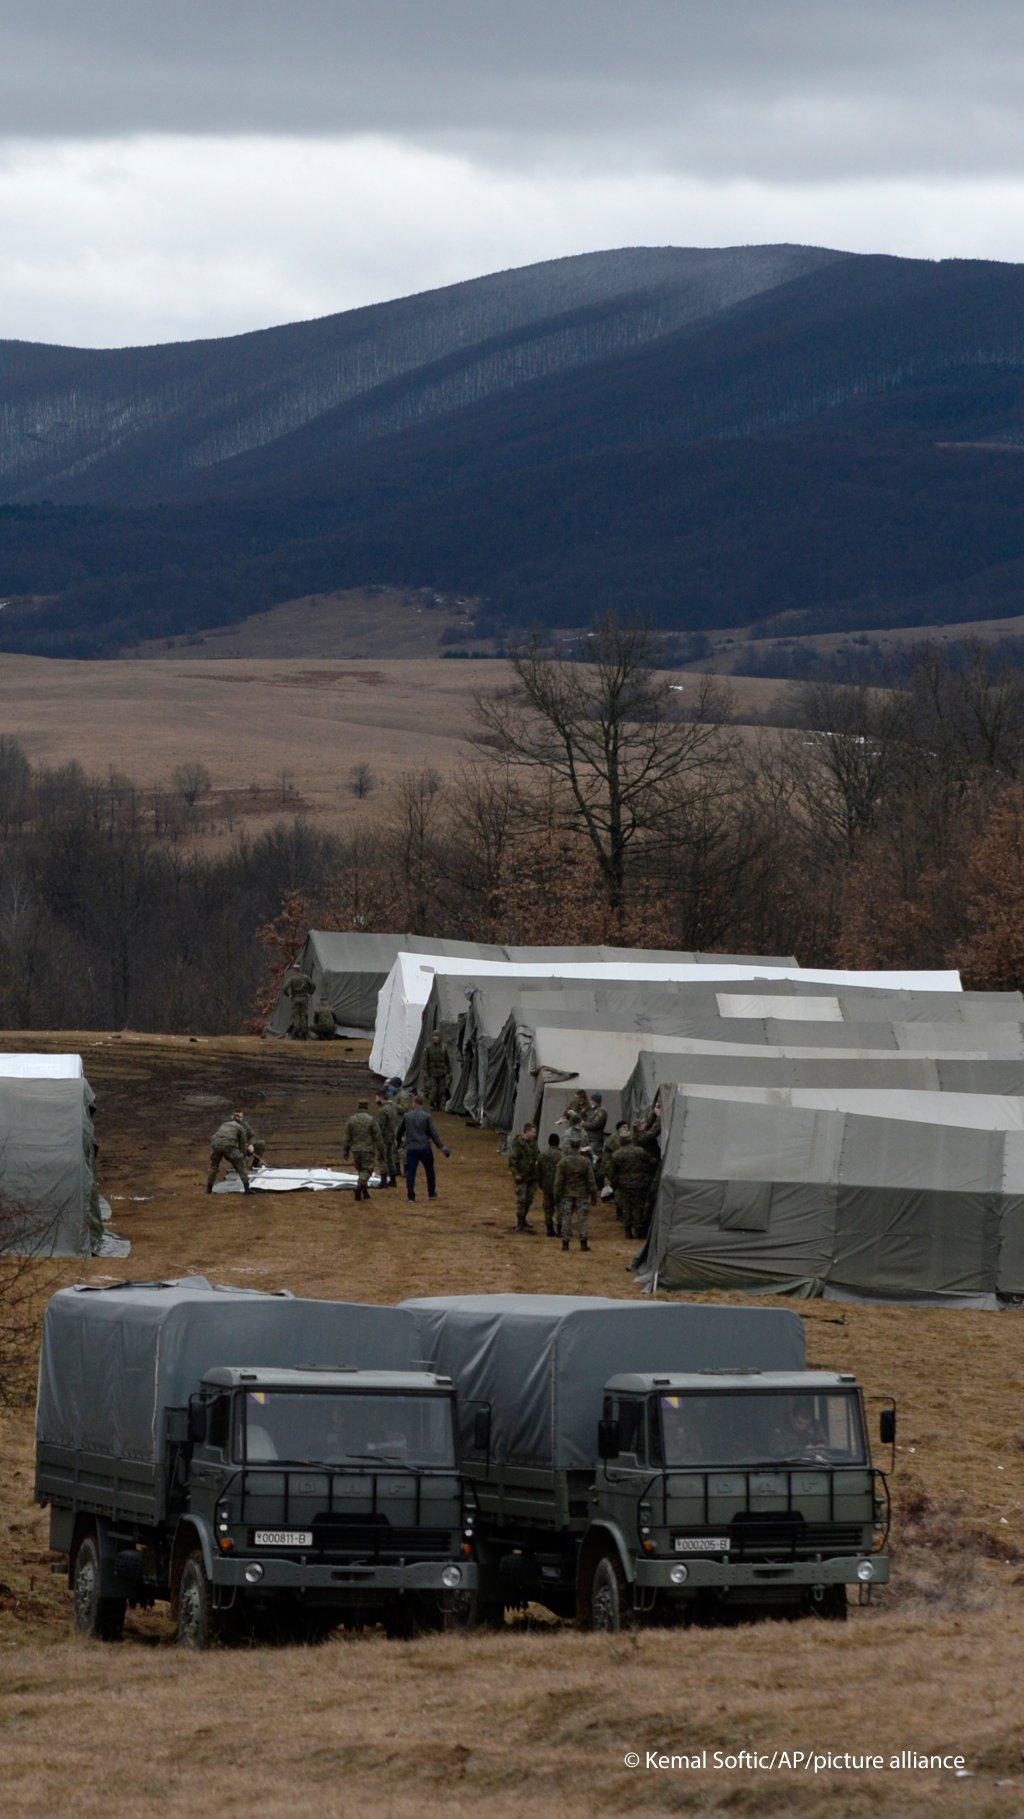 تجهيز المخيم الجديد في شمال البوسنة لإيواء المهاجرين الذين باتو في العراء بعد إحراق مخيم ليبا